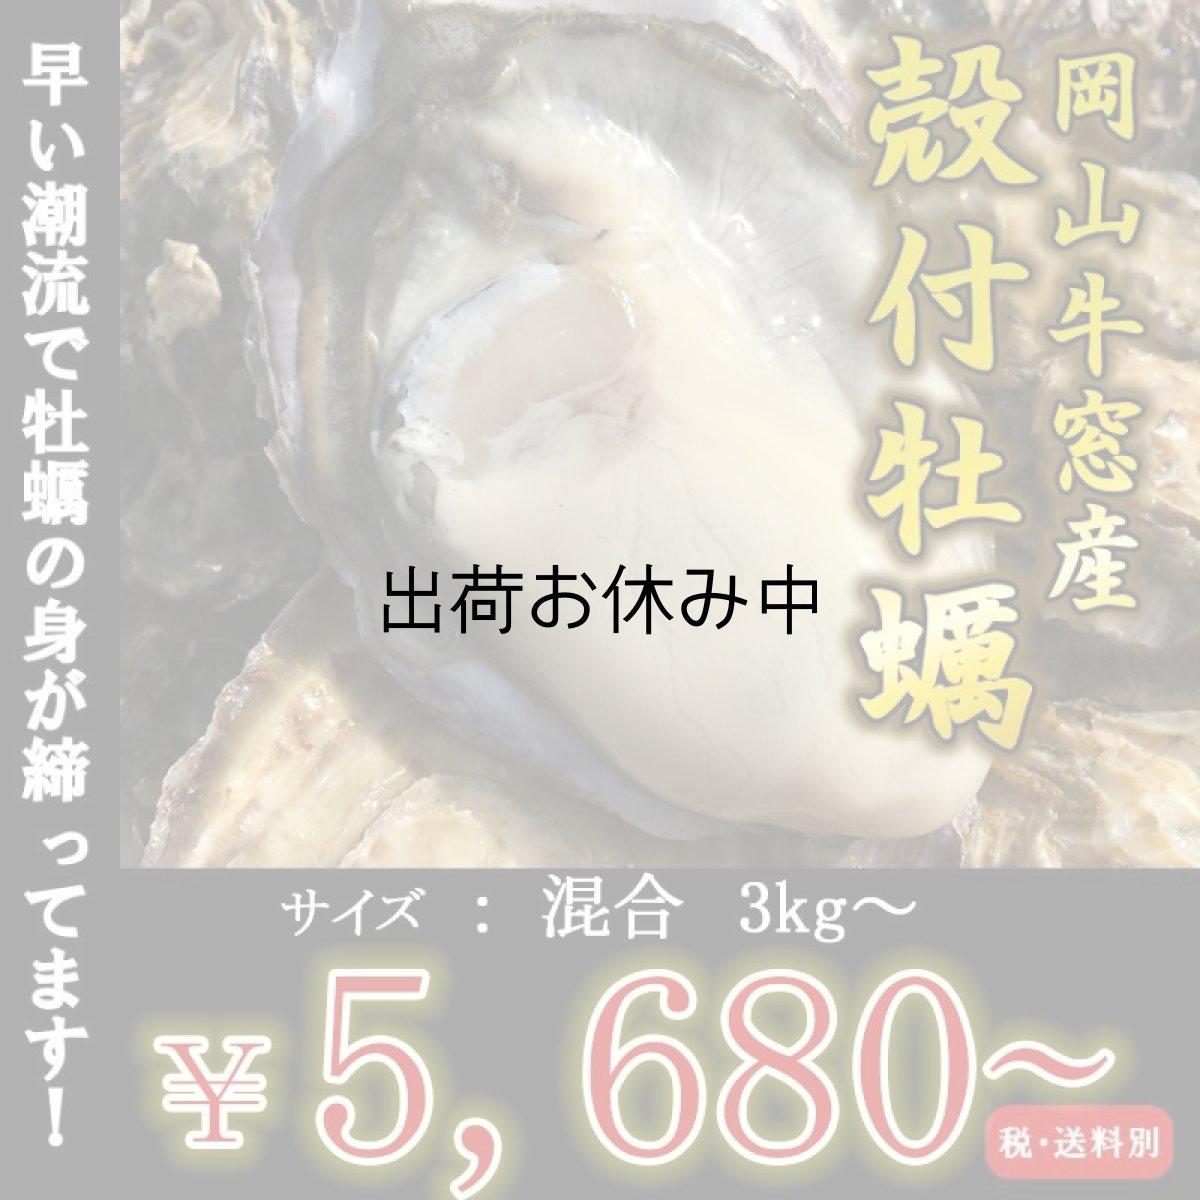 画像1: 岡山牛窓産 殻付牡蠣 (1)